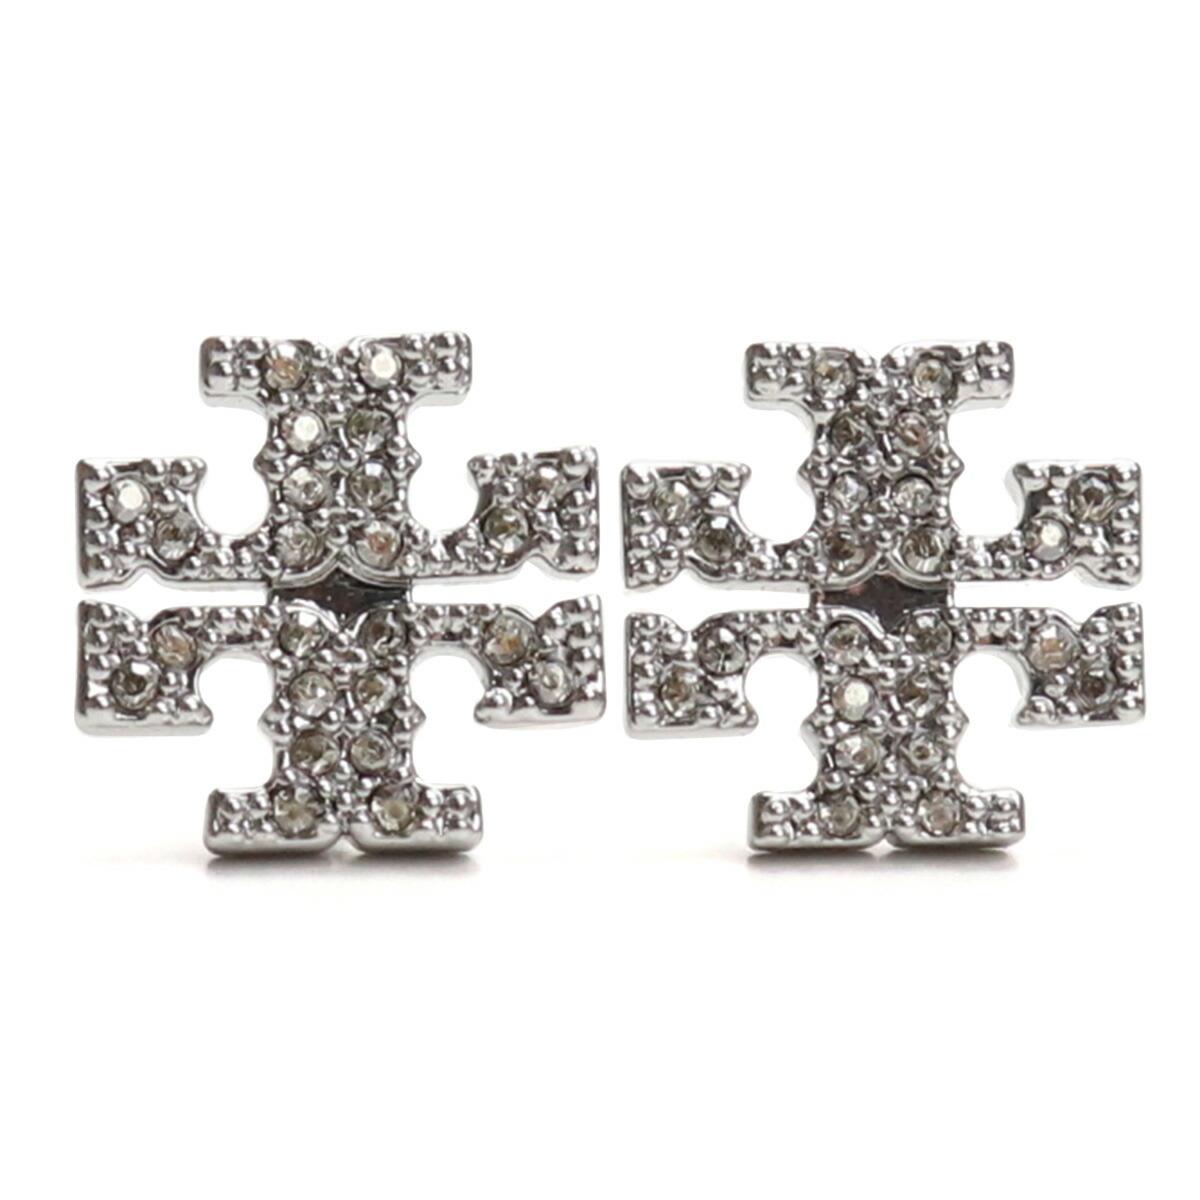 トリーバーチ TORY BURCH KIRA PAVE STUD EARRING ピアス ブランドアクセサリー 53423 042 TORY SILVER クリア系 accessory-01